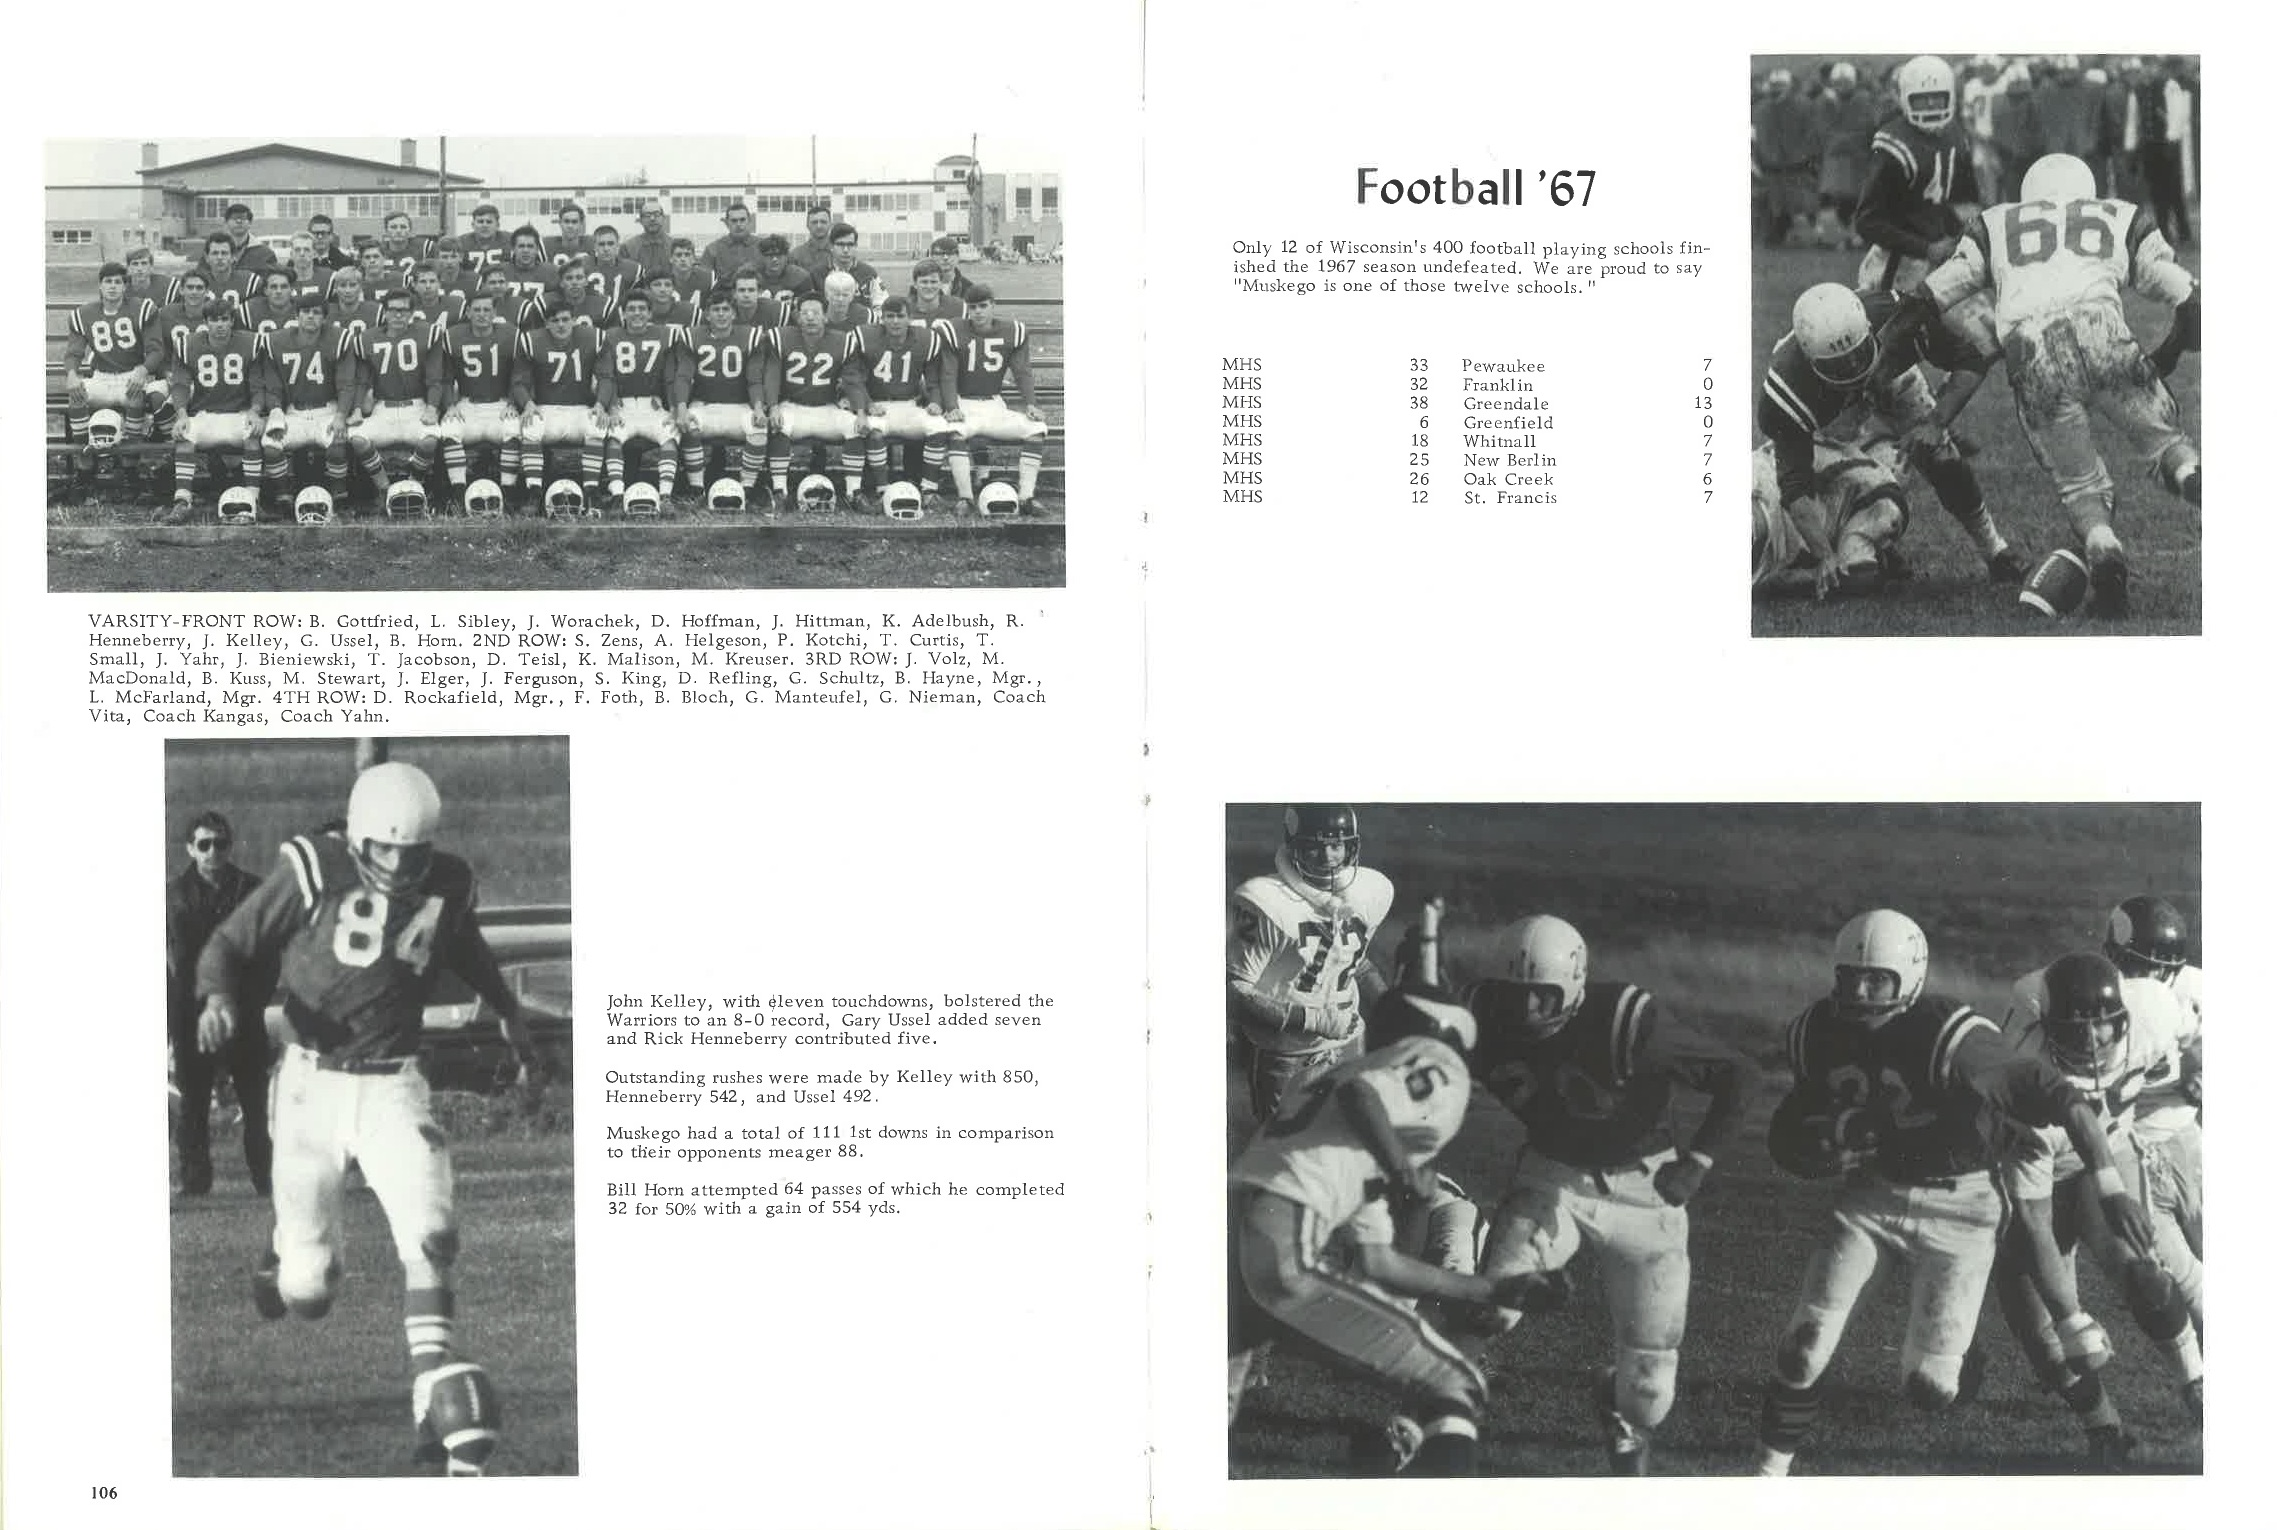 1968_Yearbook_54.jpg